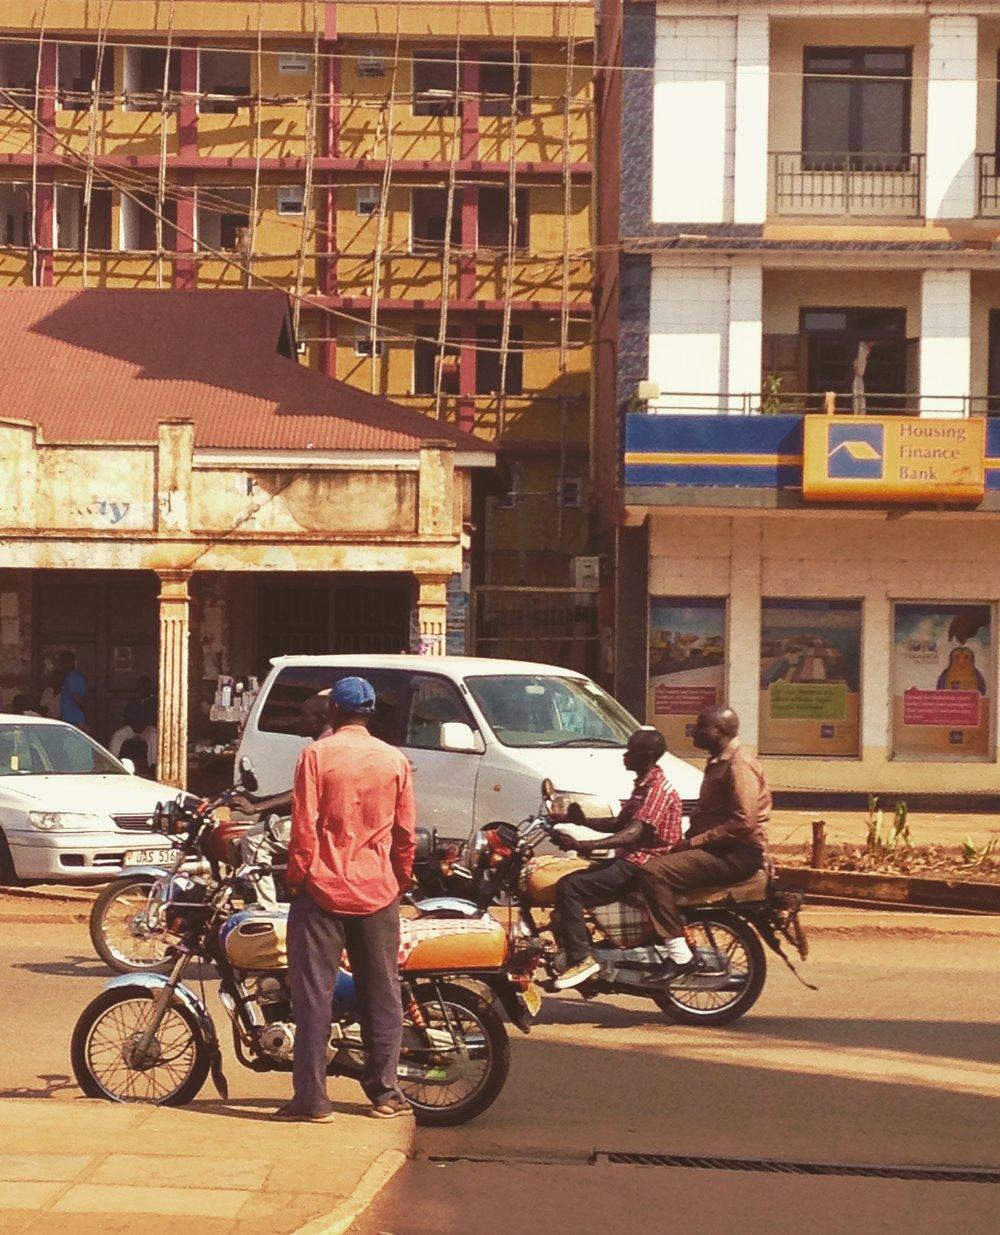 boda-motorcycle-taxi-uganda